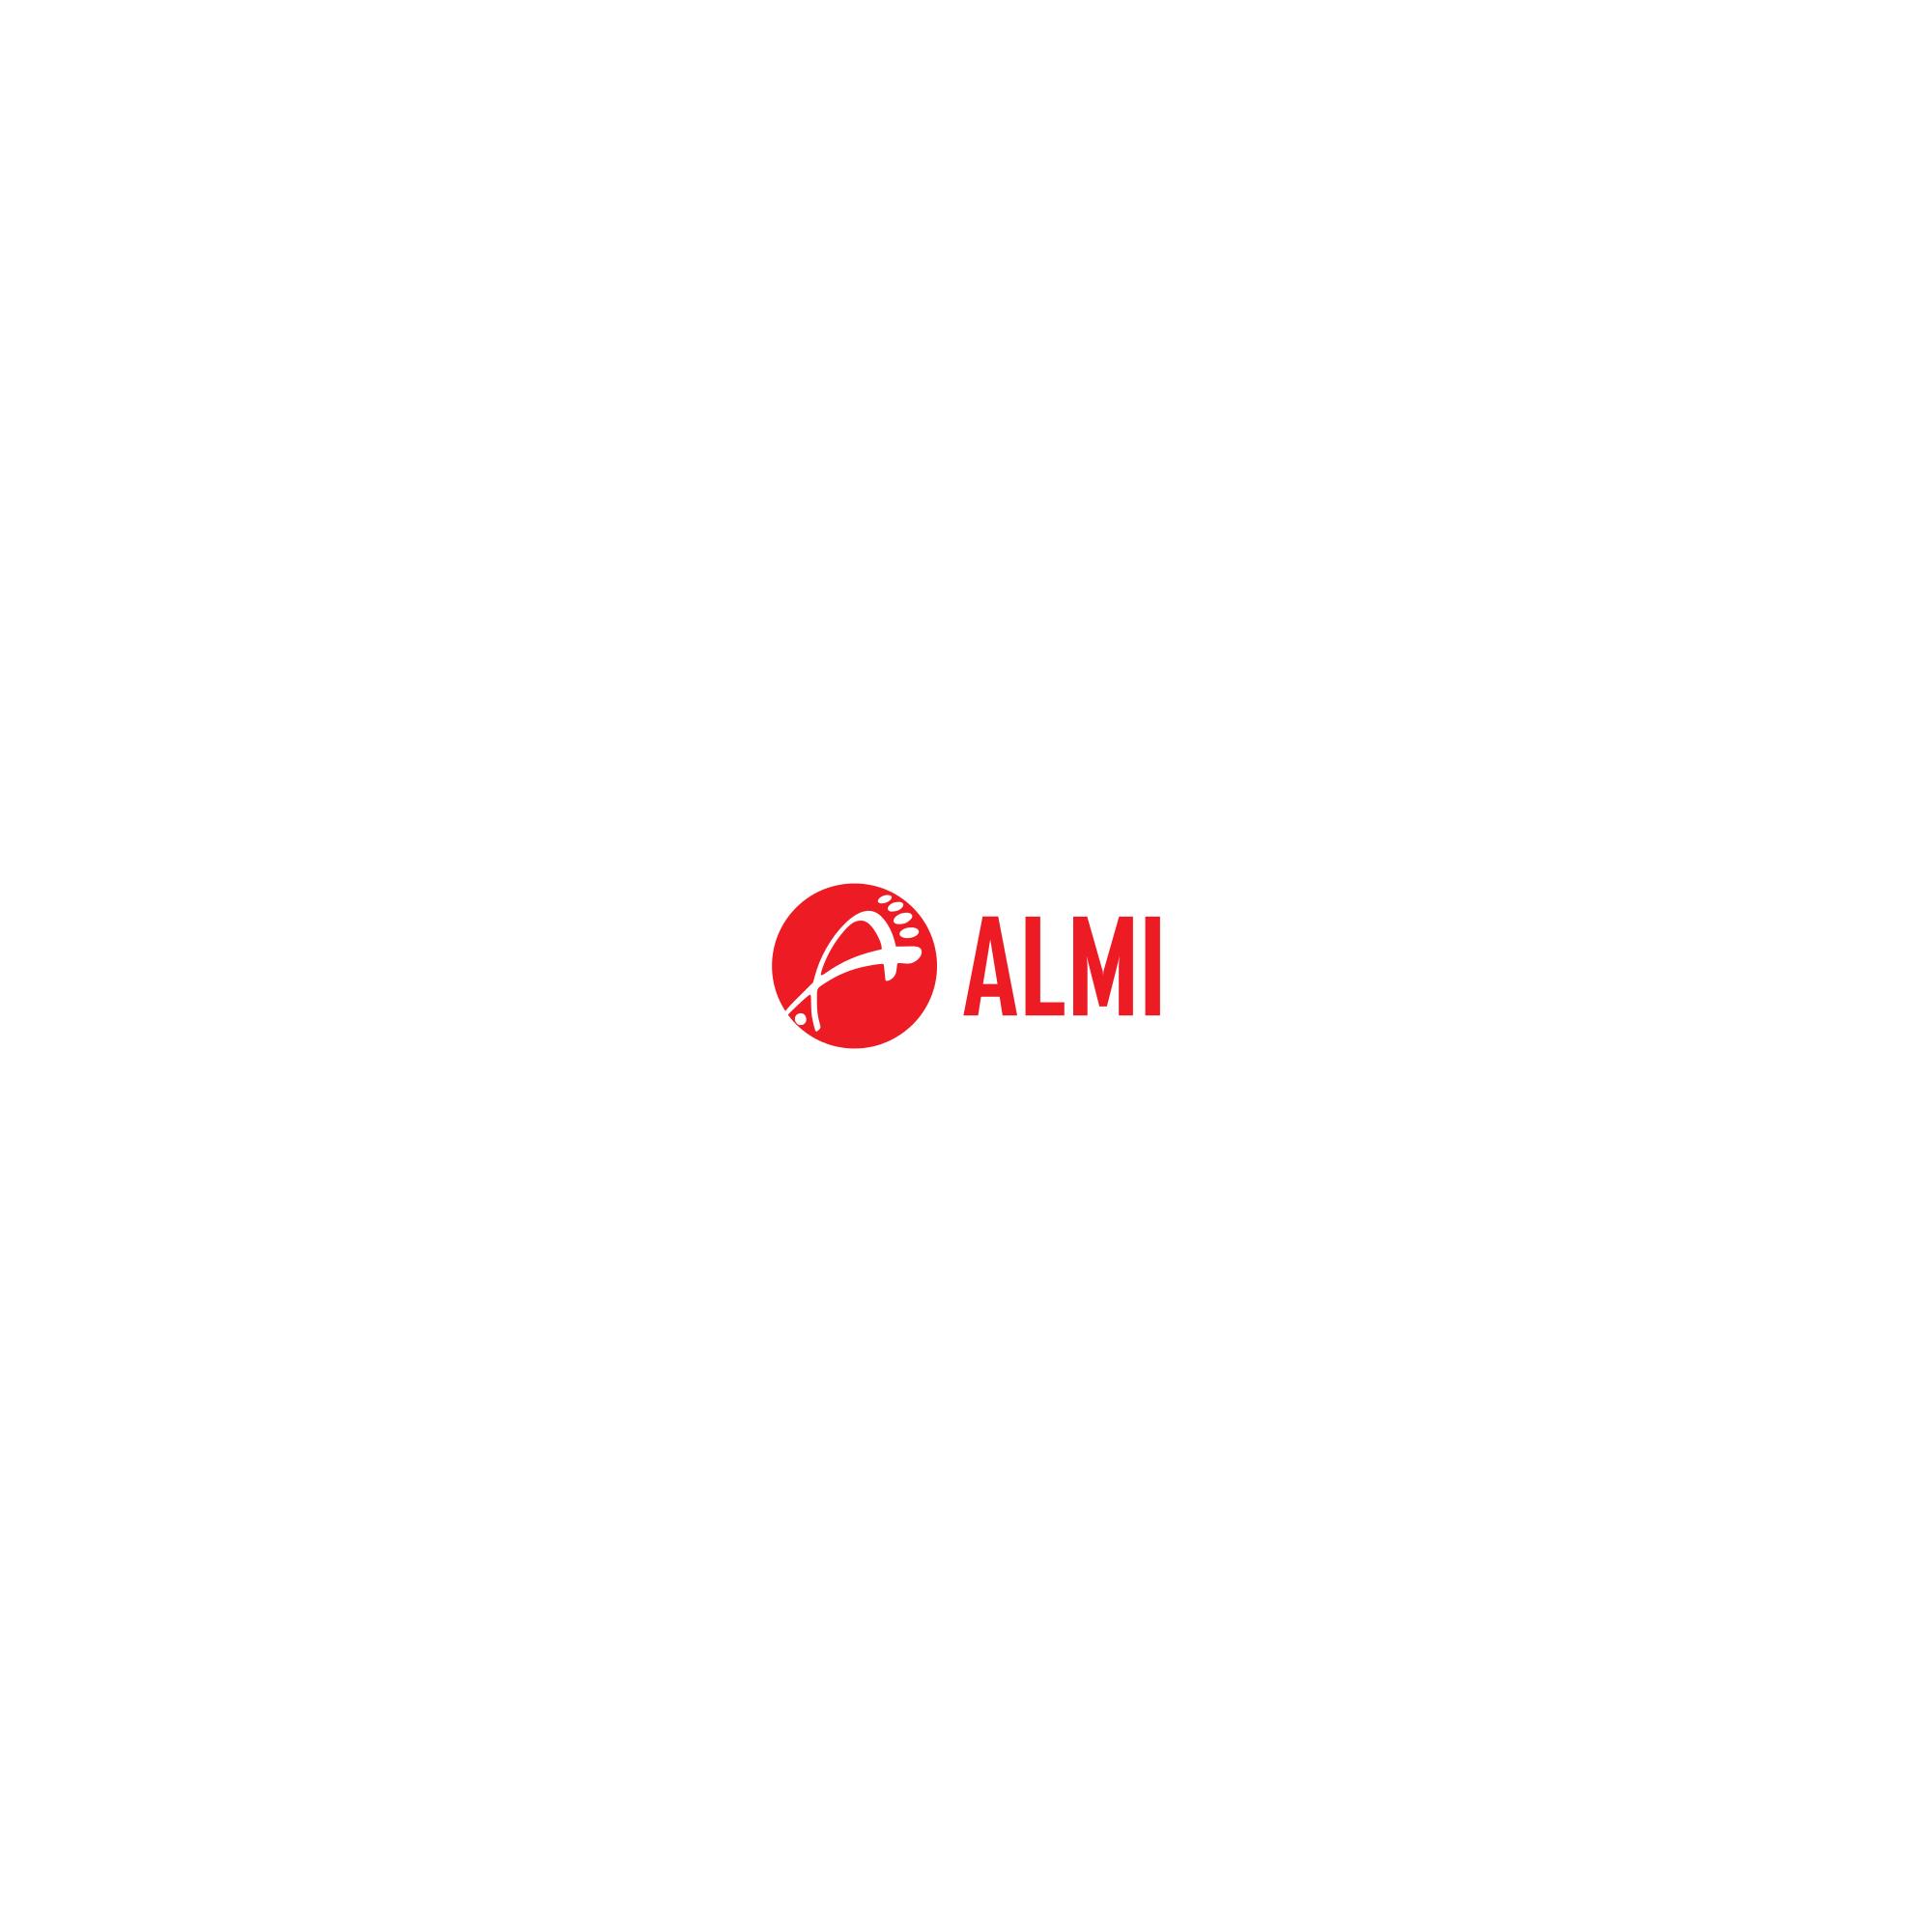 Дизайн логотипа обувной марки Алми фото f_57759f12b483e724.png